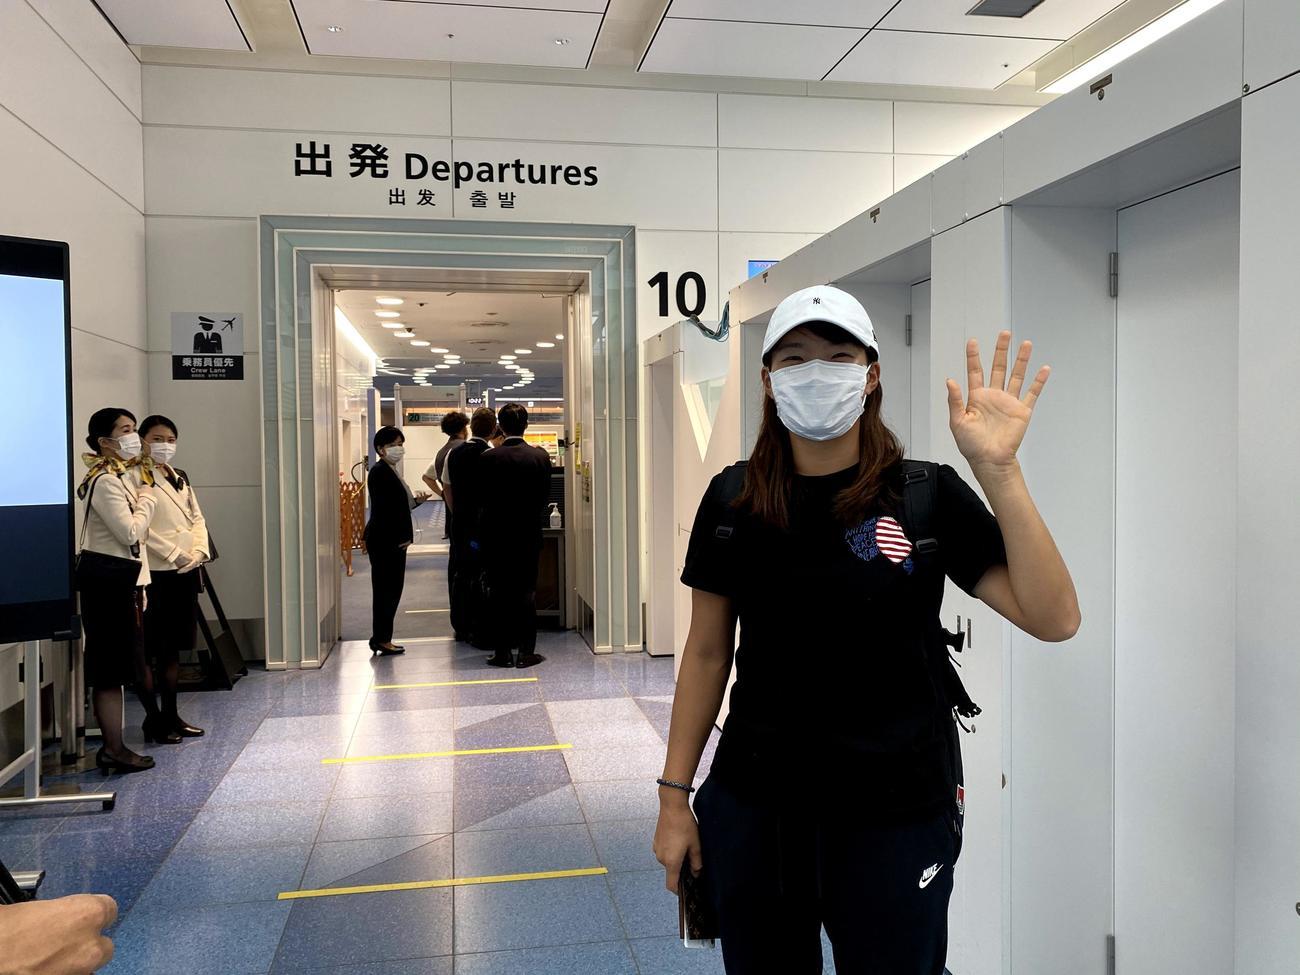 英国に向けて羽田空港を出発した渋野日向子(株式会社ゾーン提供)